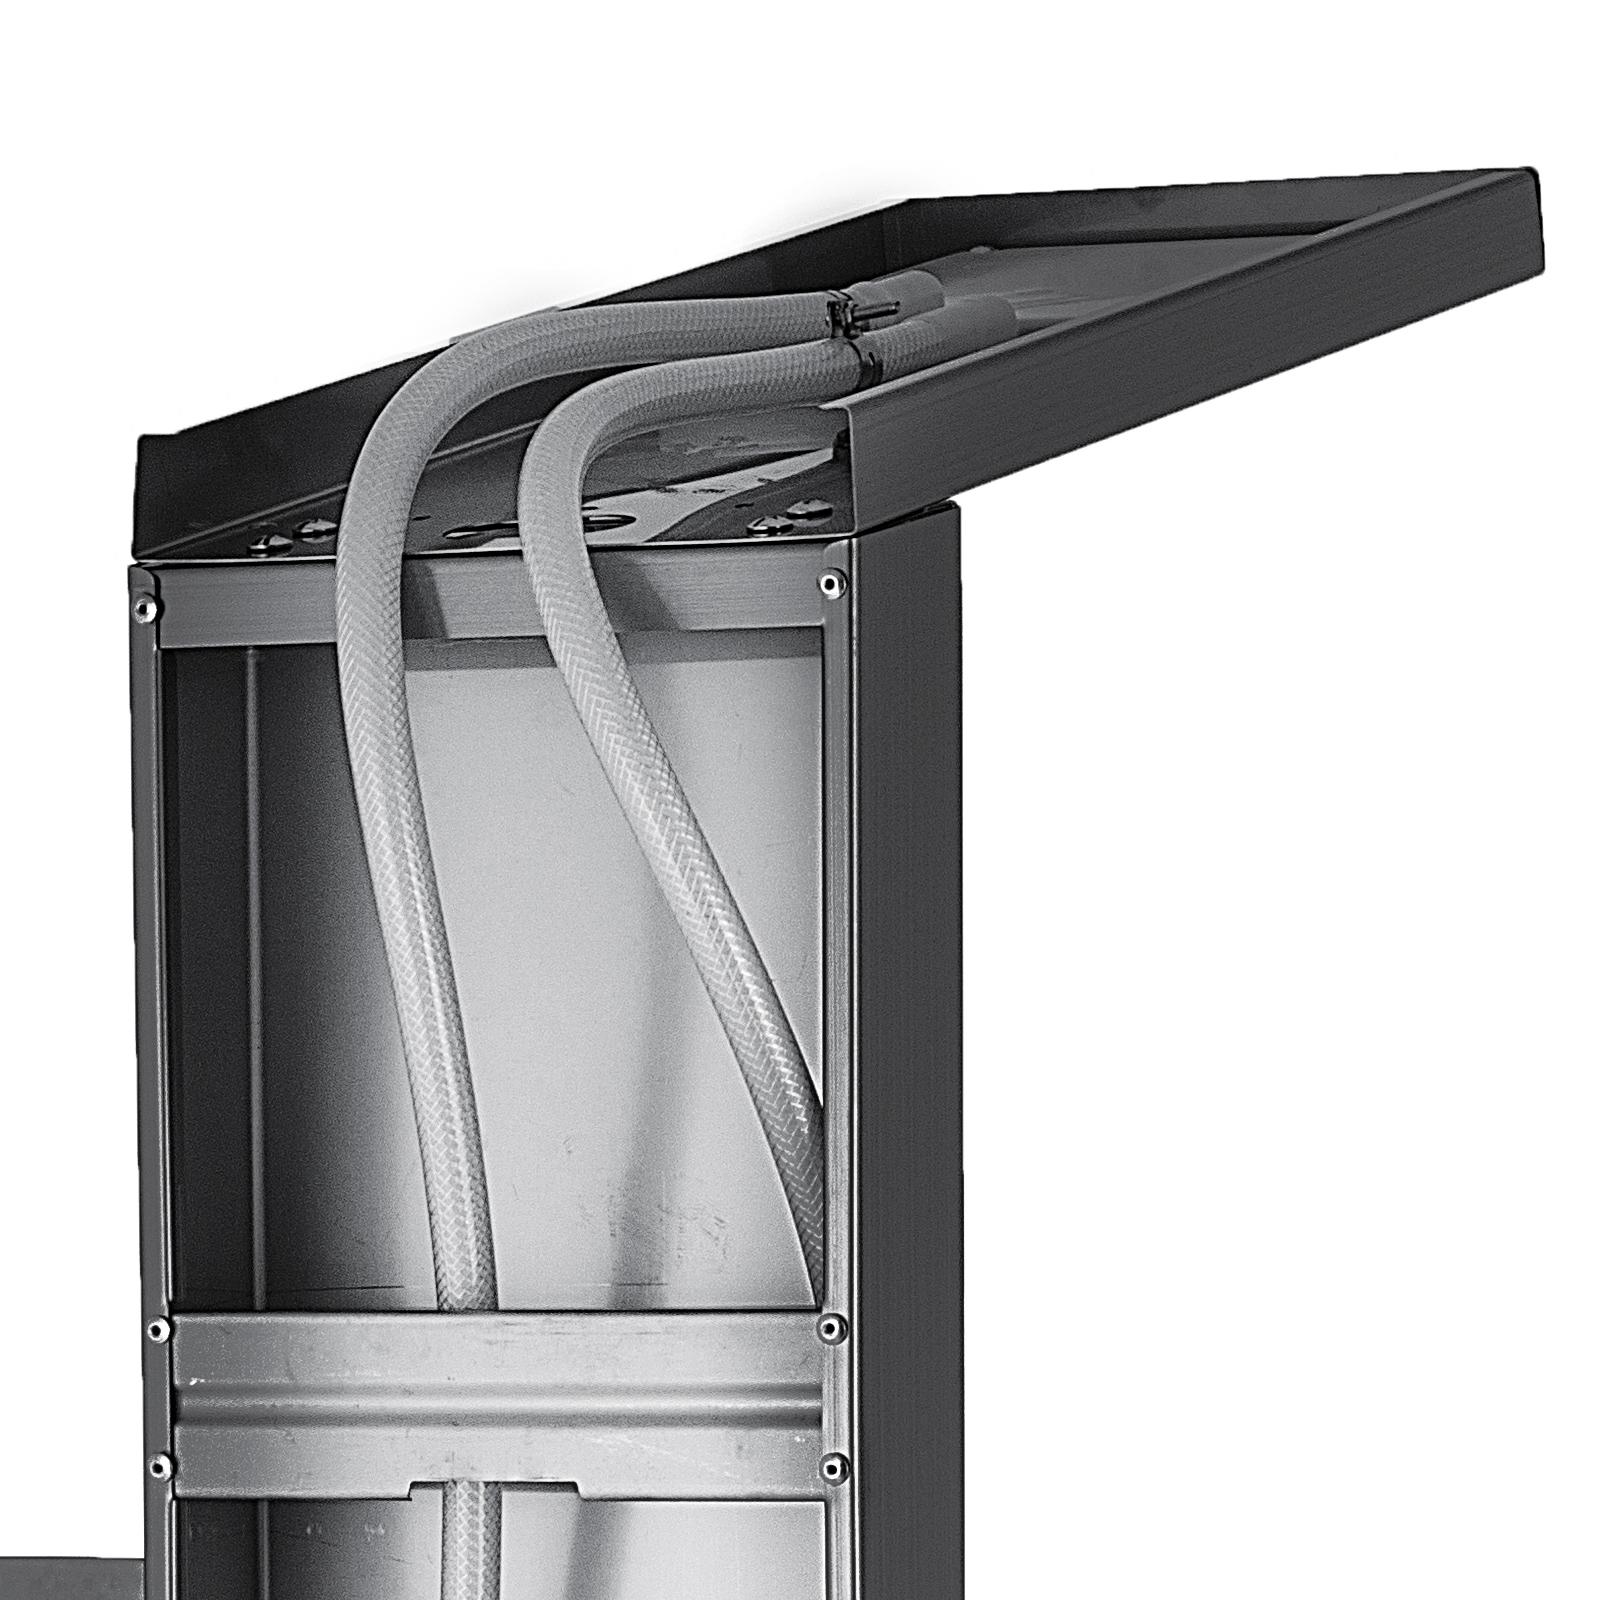 Pannello-doccia-idromassaggio-colonna-in-acciaio-inossidabile-con-miscelatore miniatura 106